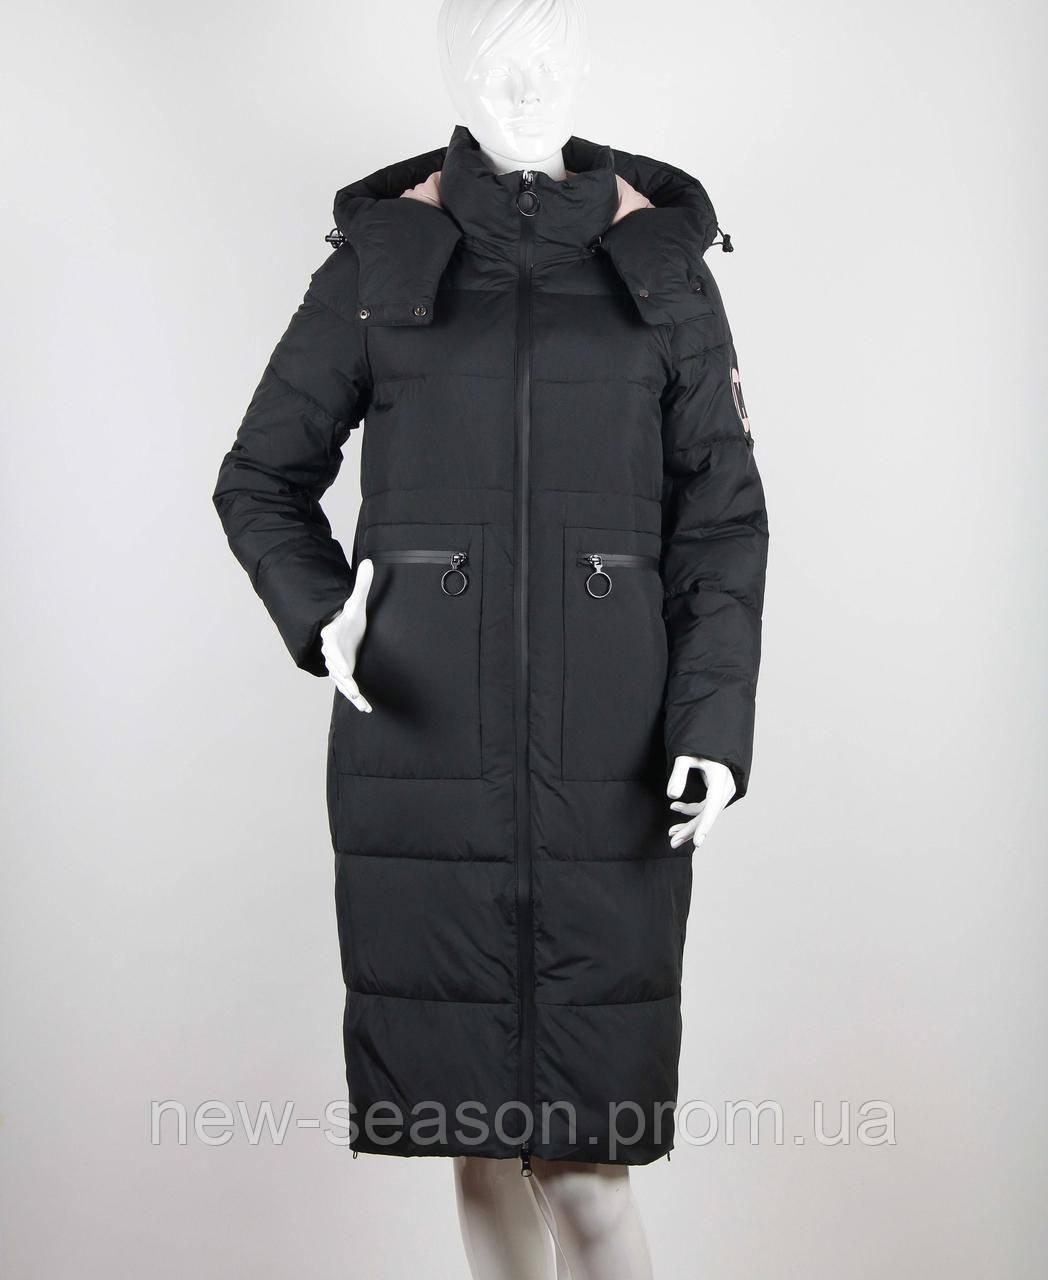 Пуховик зимний TOWMY 2239 черный